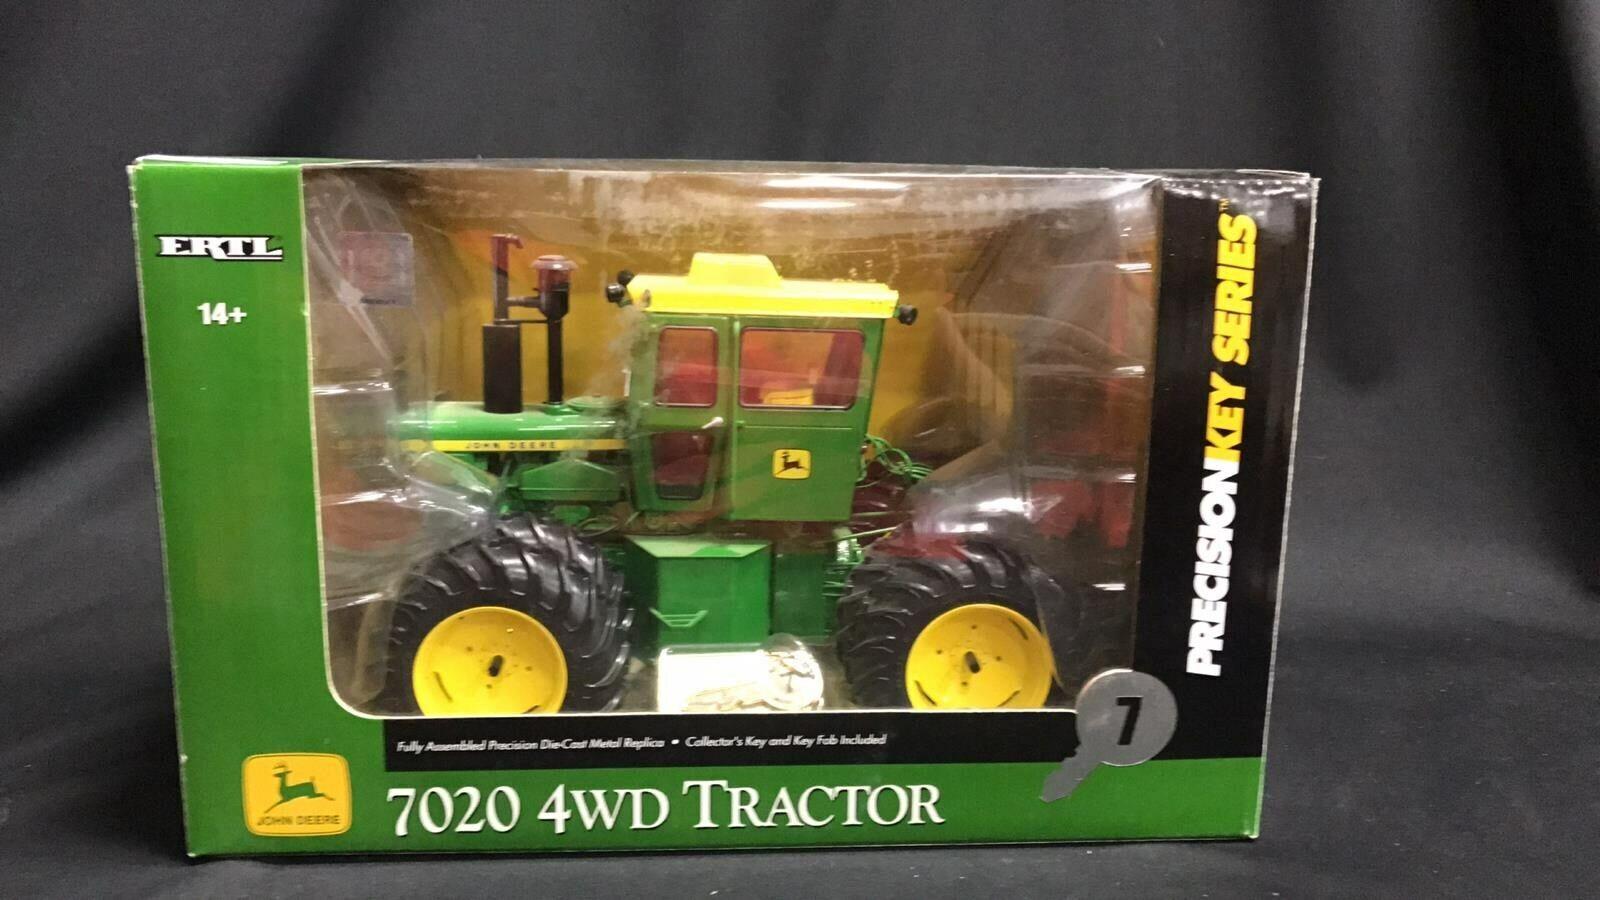 John Deere 7020 serie clave de precisión  7 Tractor de 4 ruedas motrices